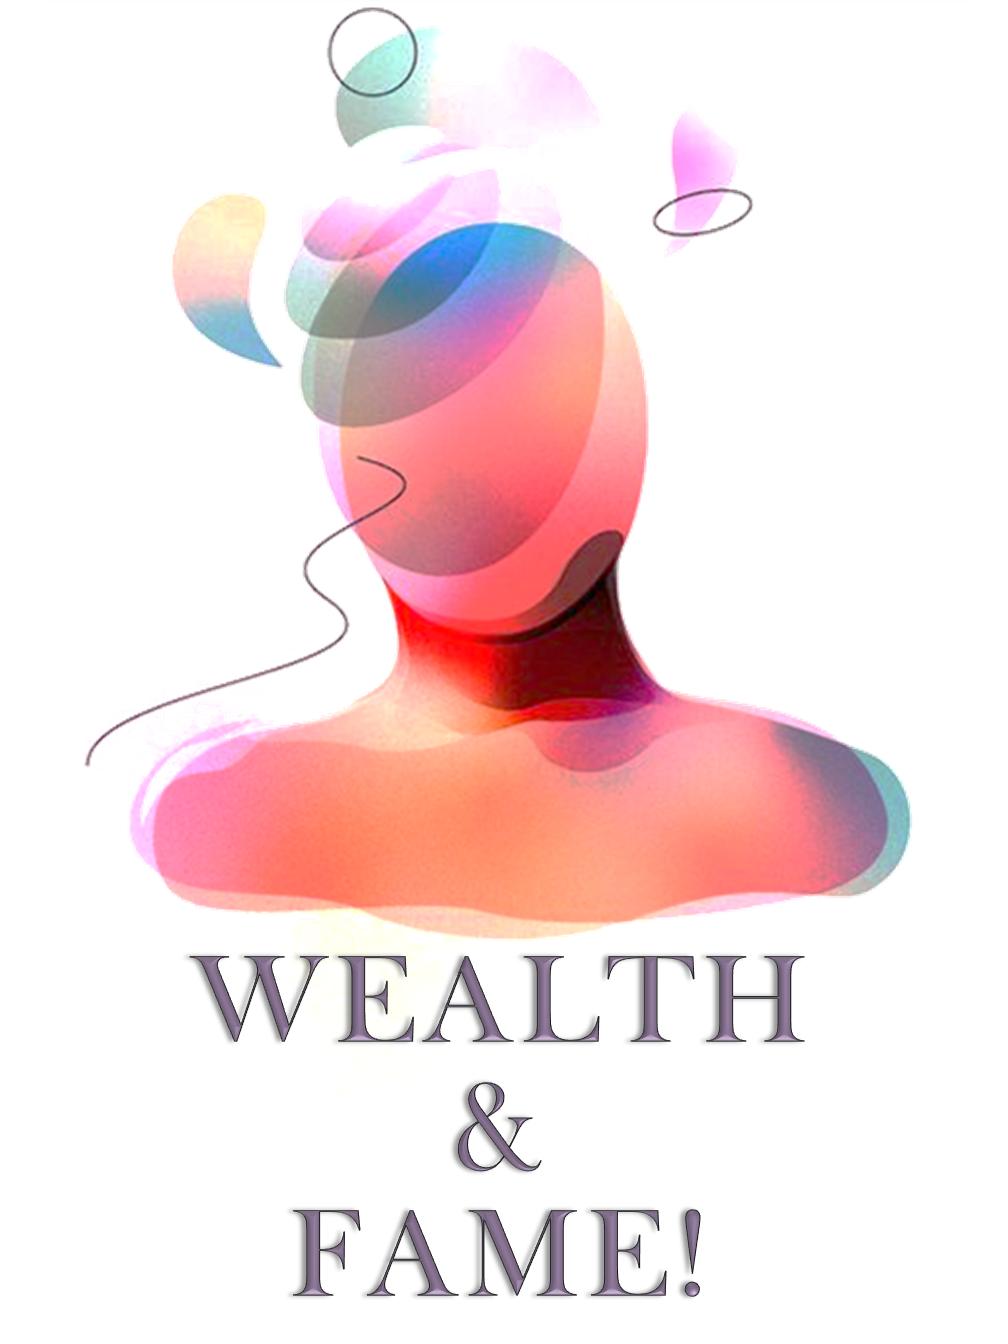 Wealth & Fame